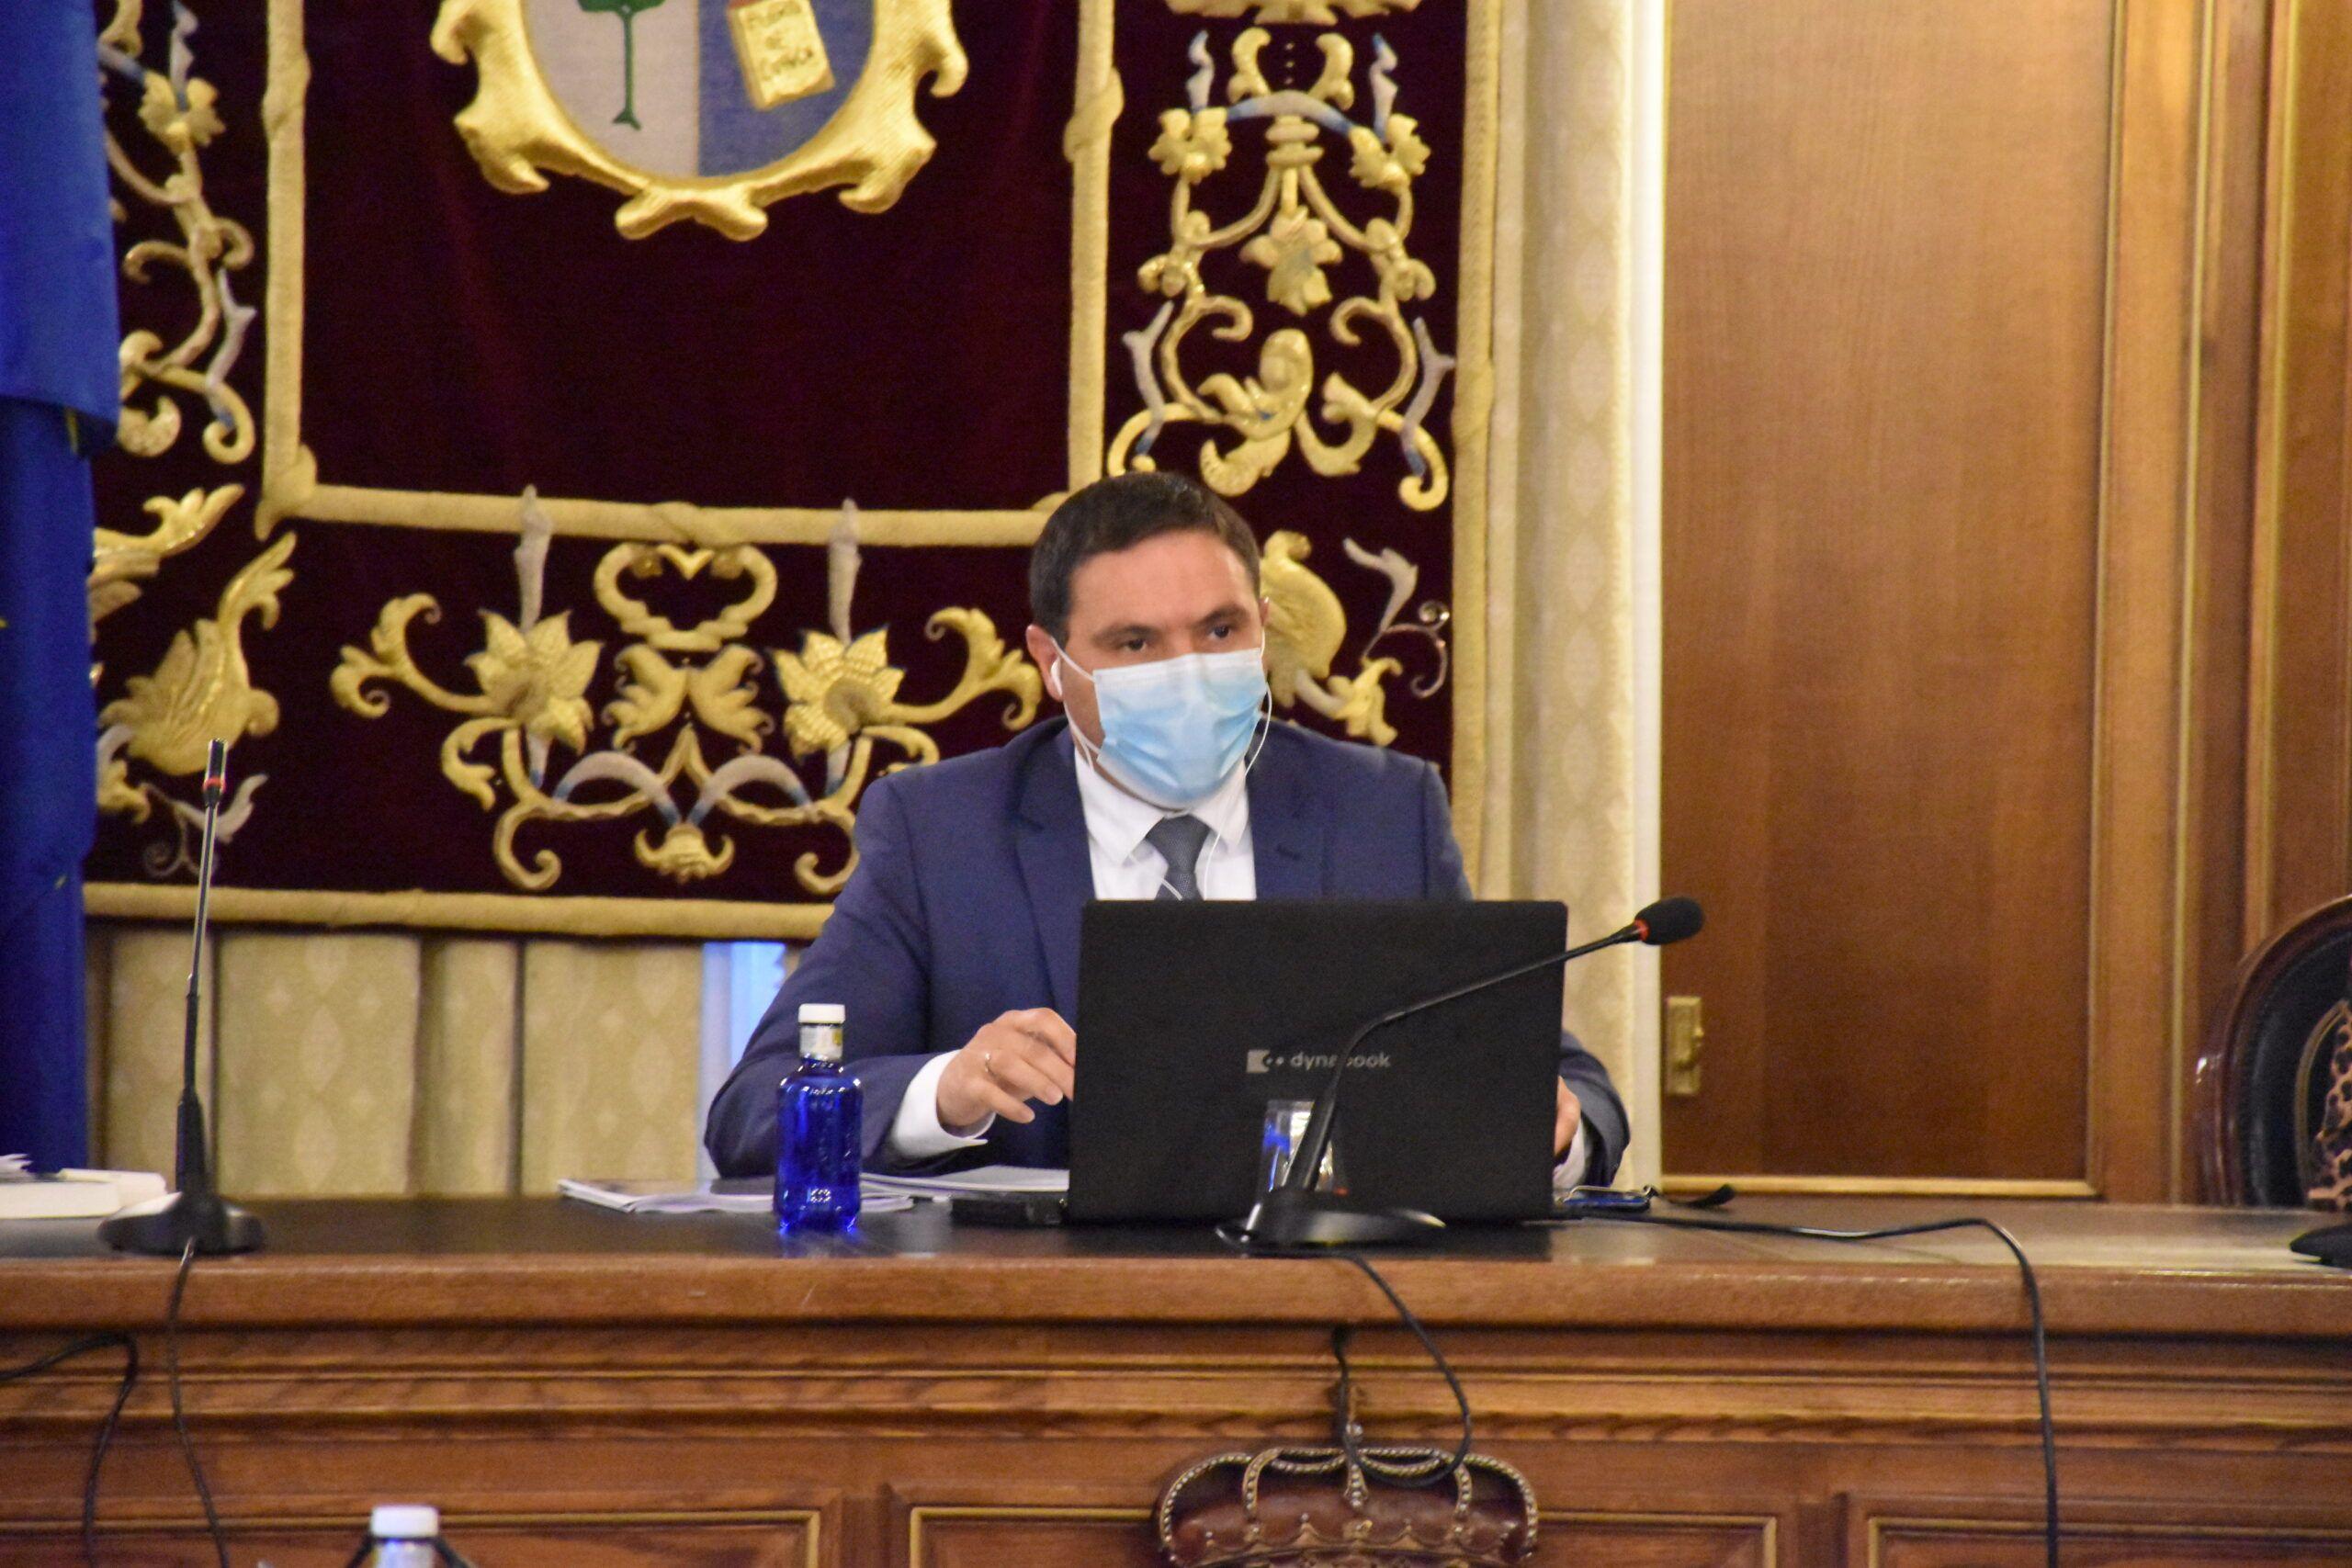 La Diputación aprueba por unanimidad un paquete de medidas para luchar contra el Covid de 8,9 millones de euros